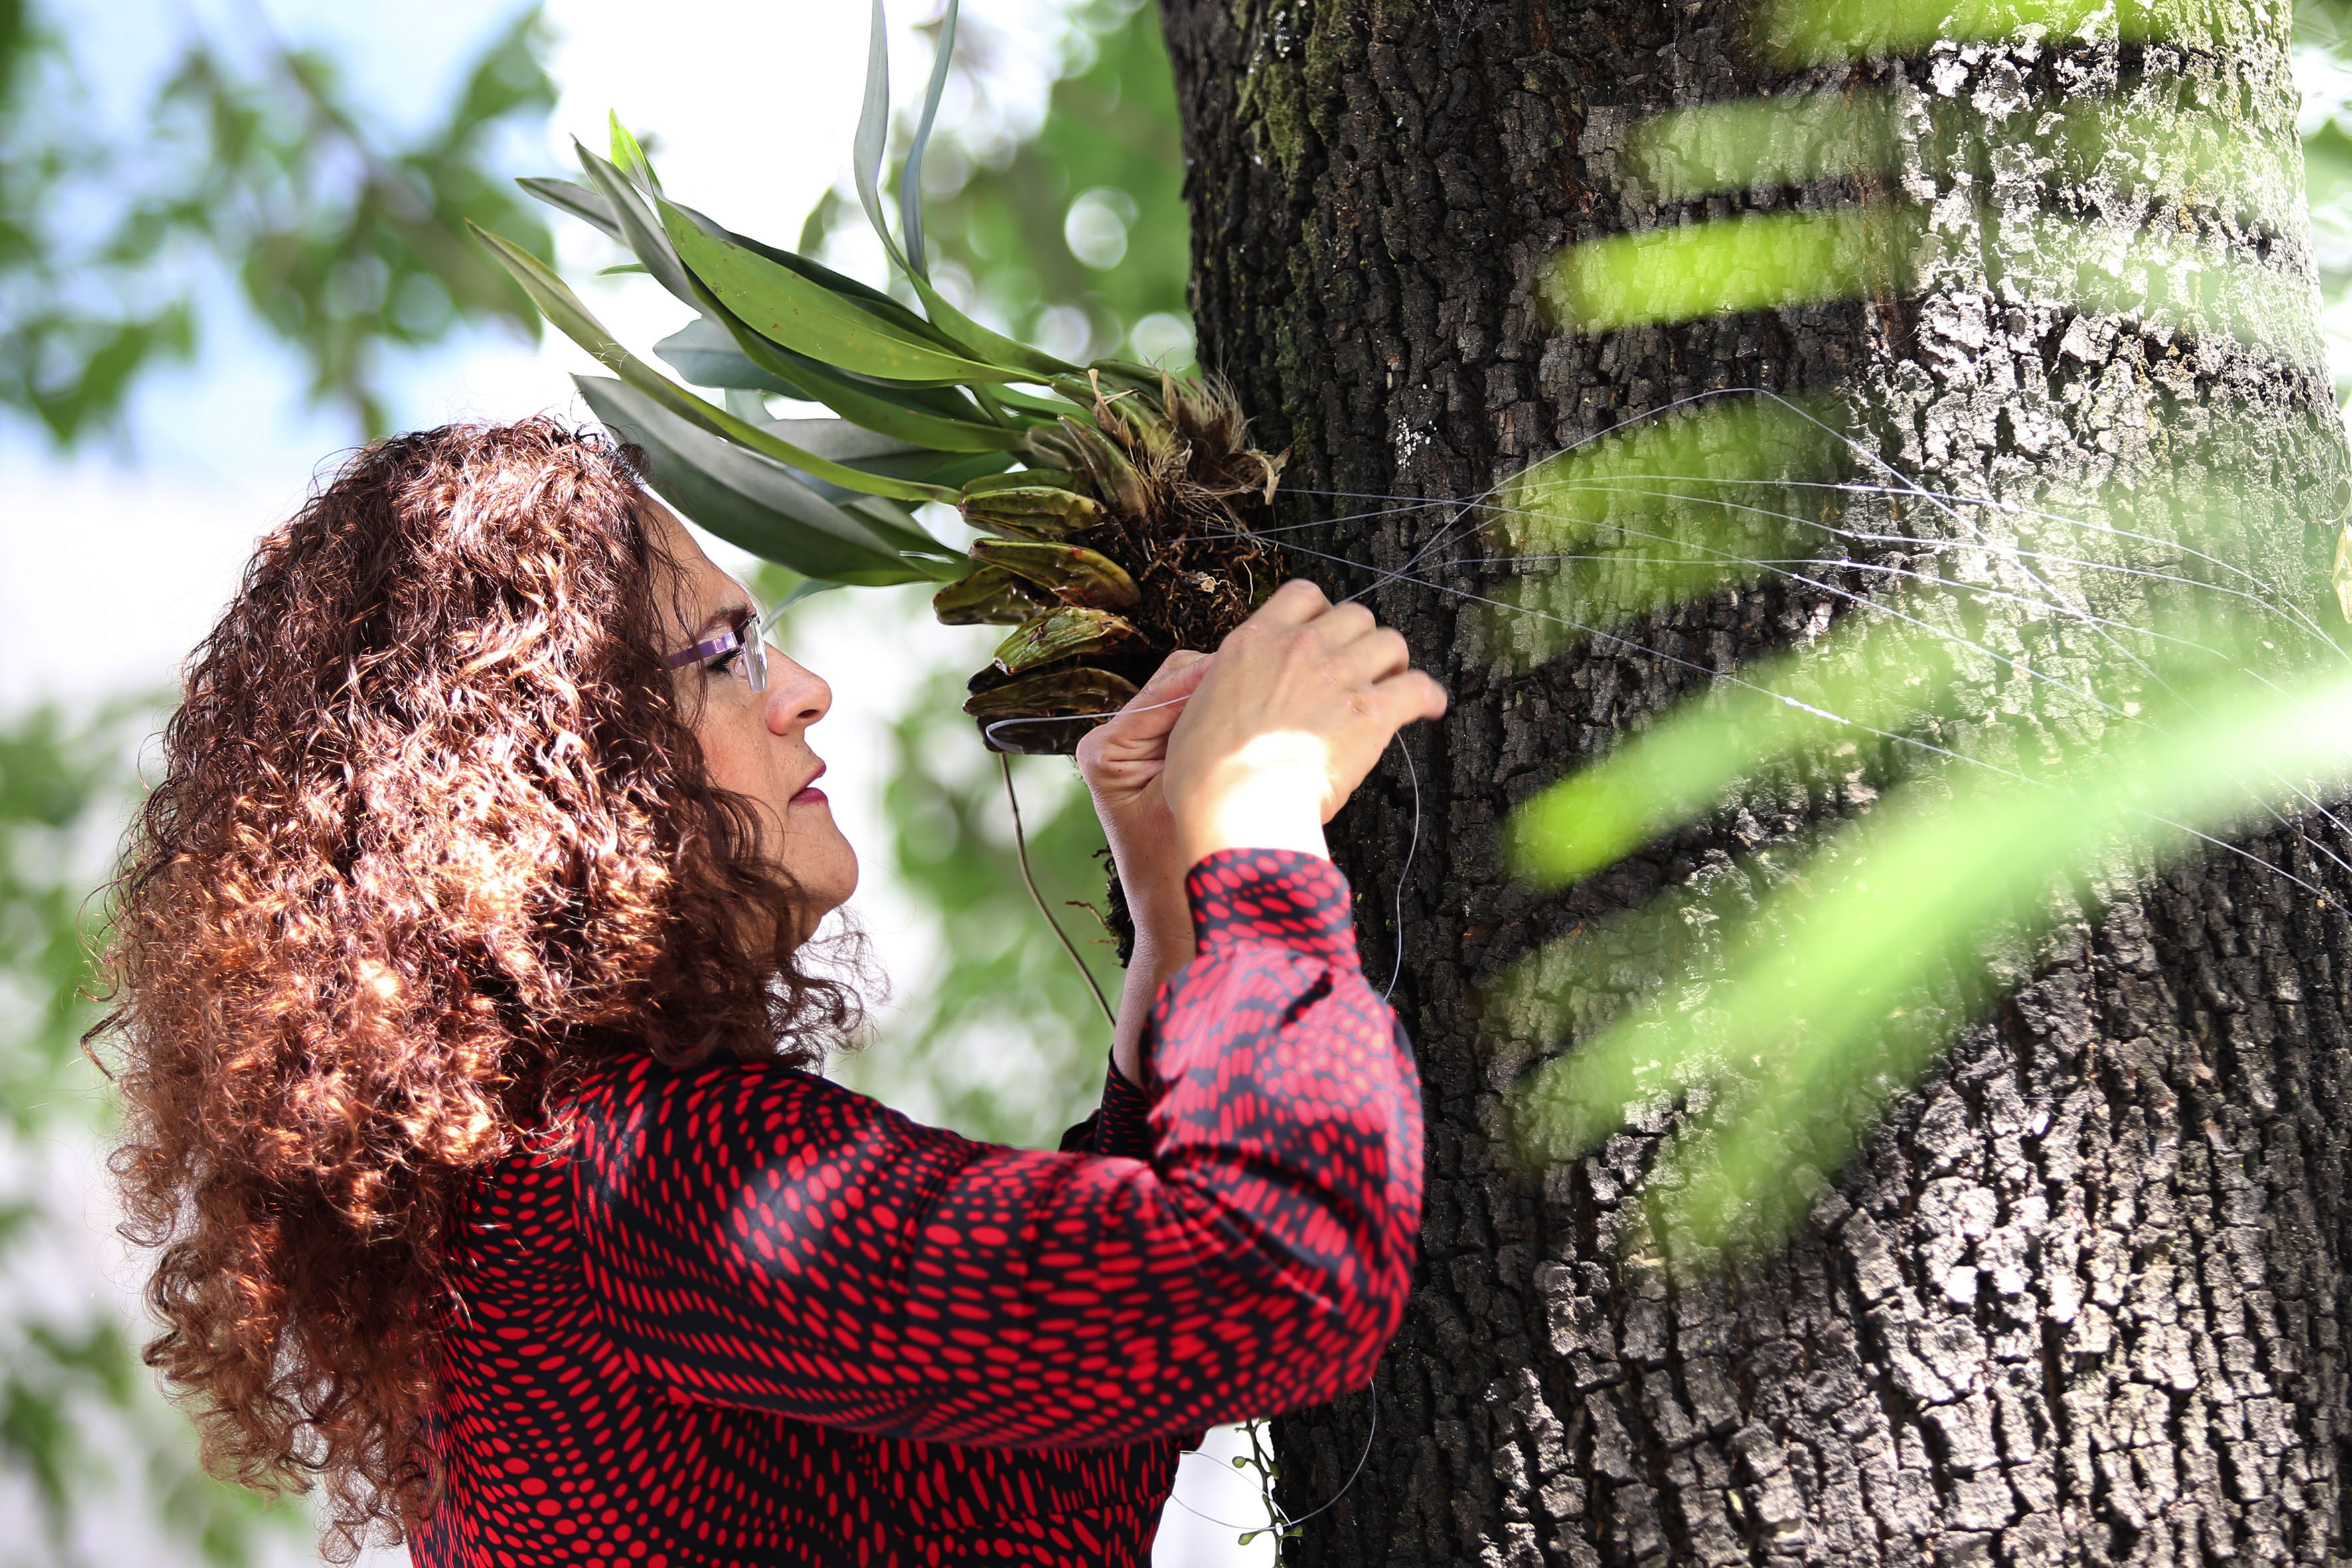 Mujer, implantando una especie de orquídea méxicana, alrededor del tronco del un árbol para su reproducción.